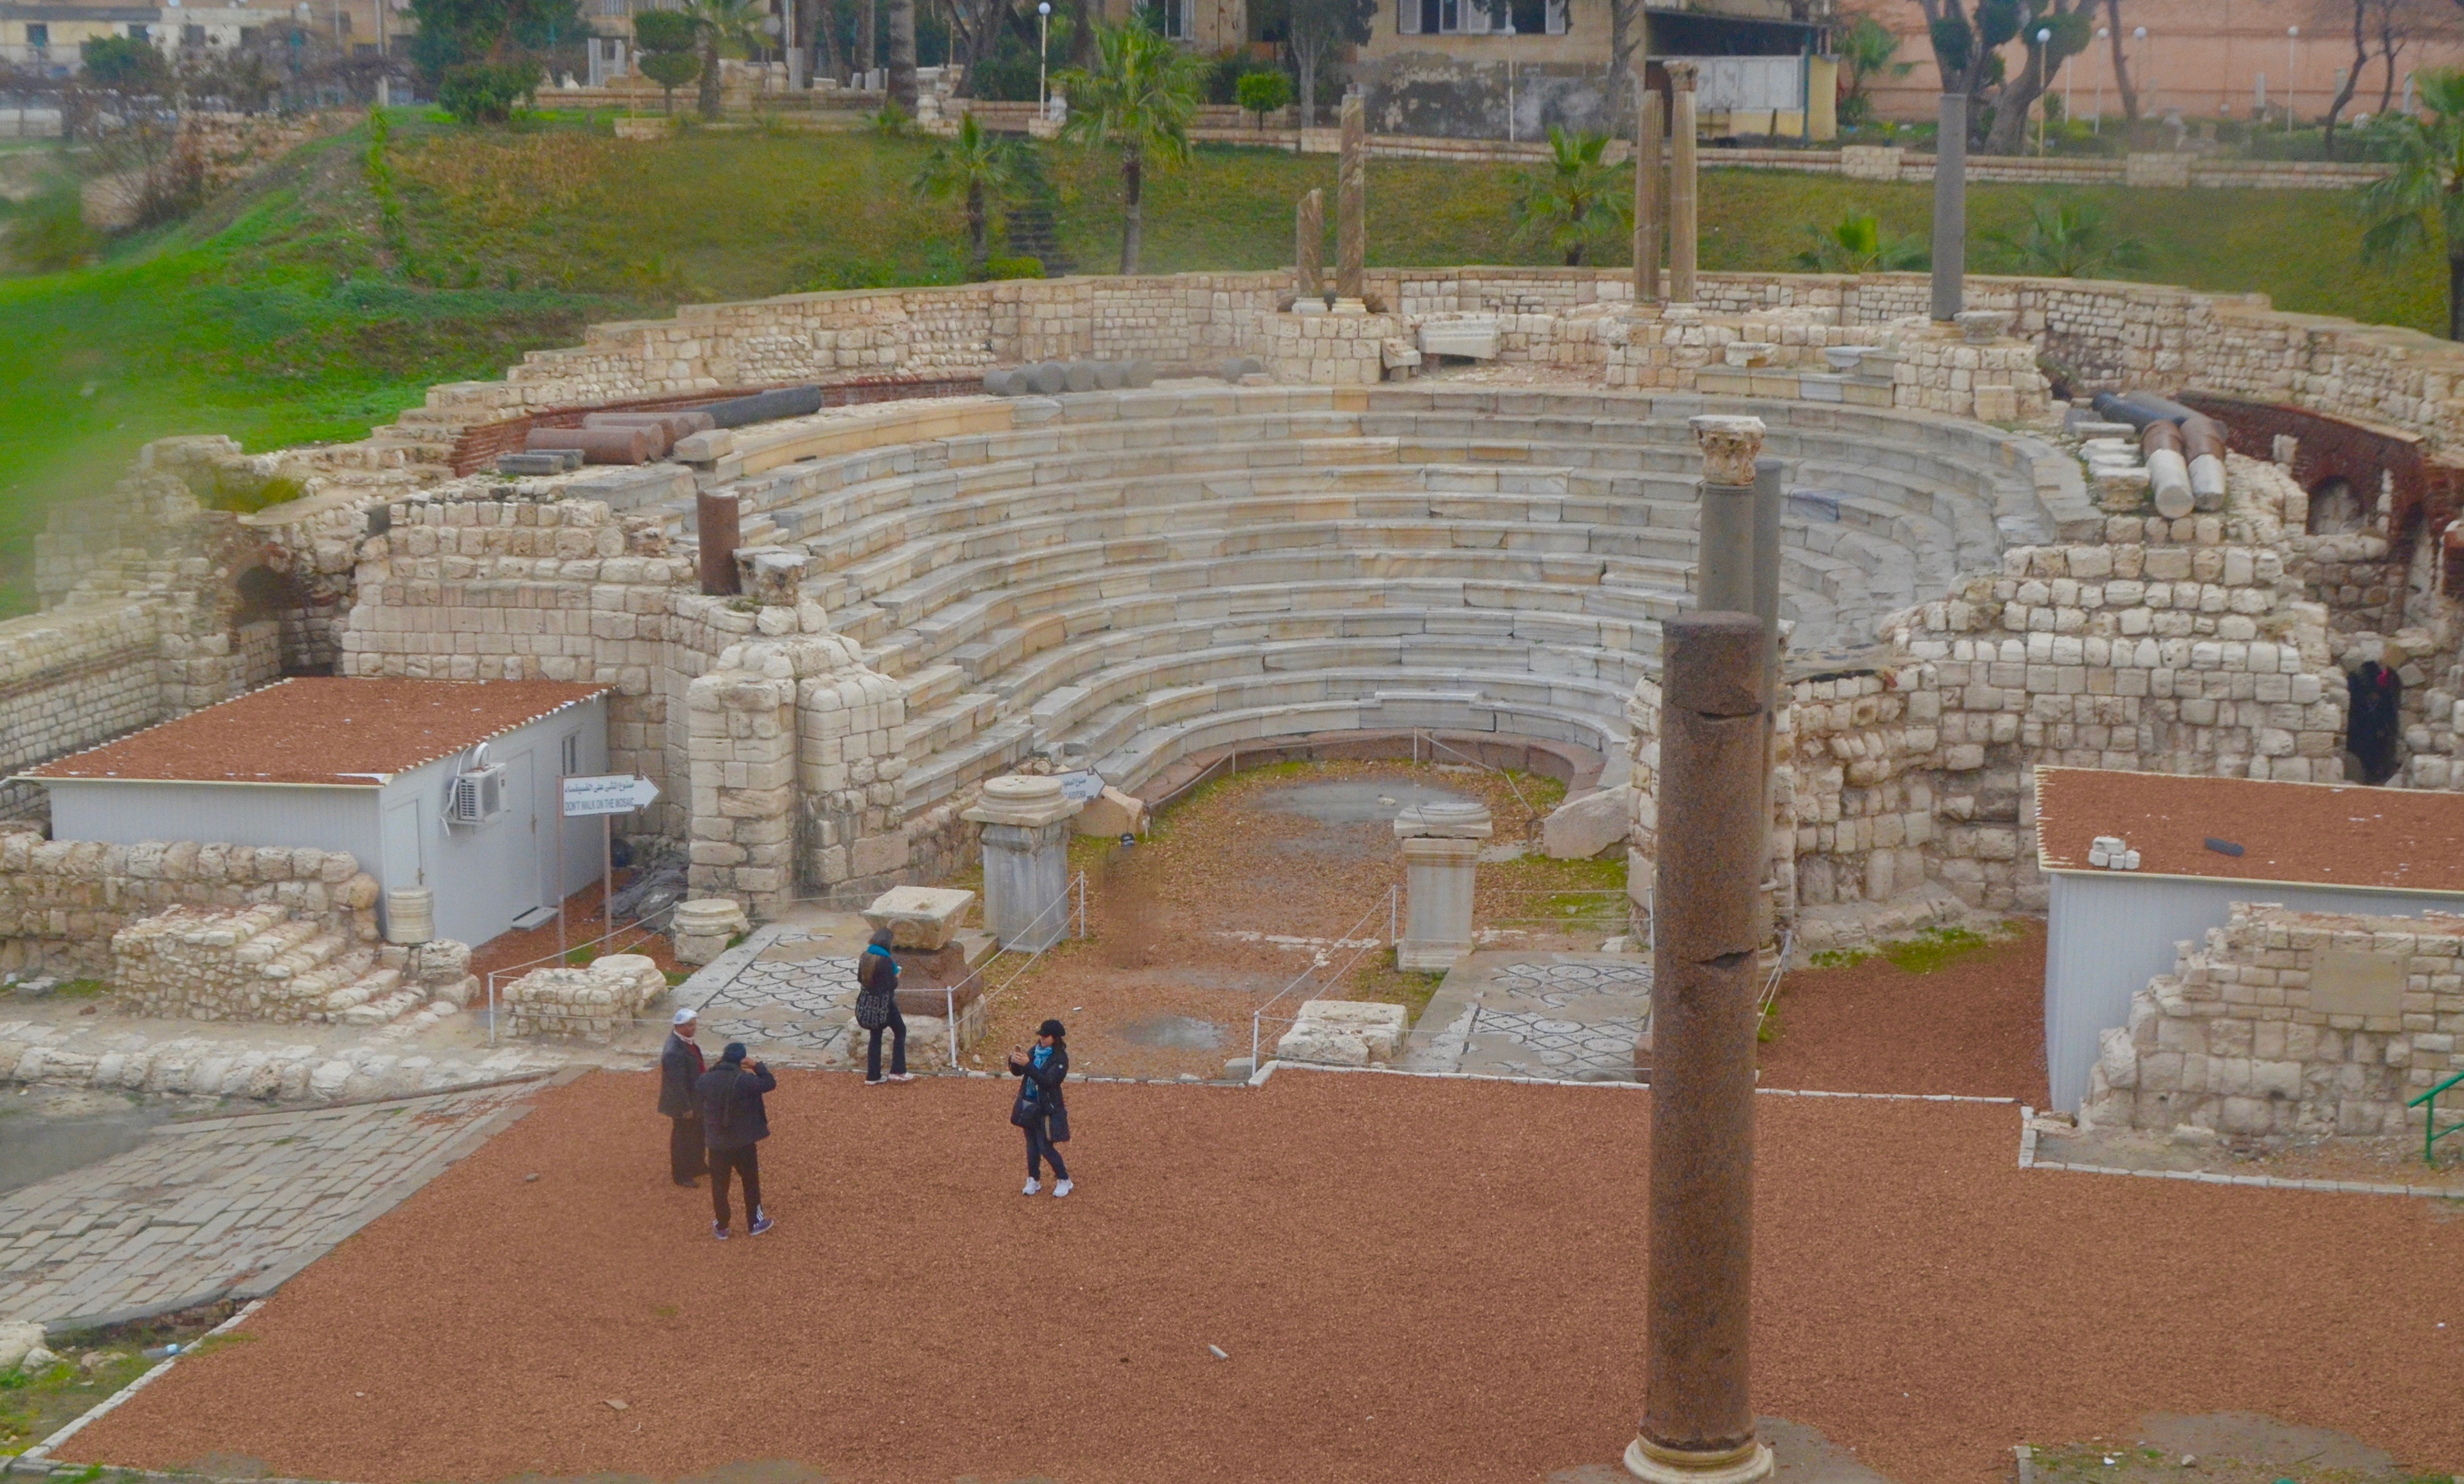 Amphitheatre of Alexandria